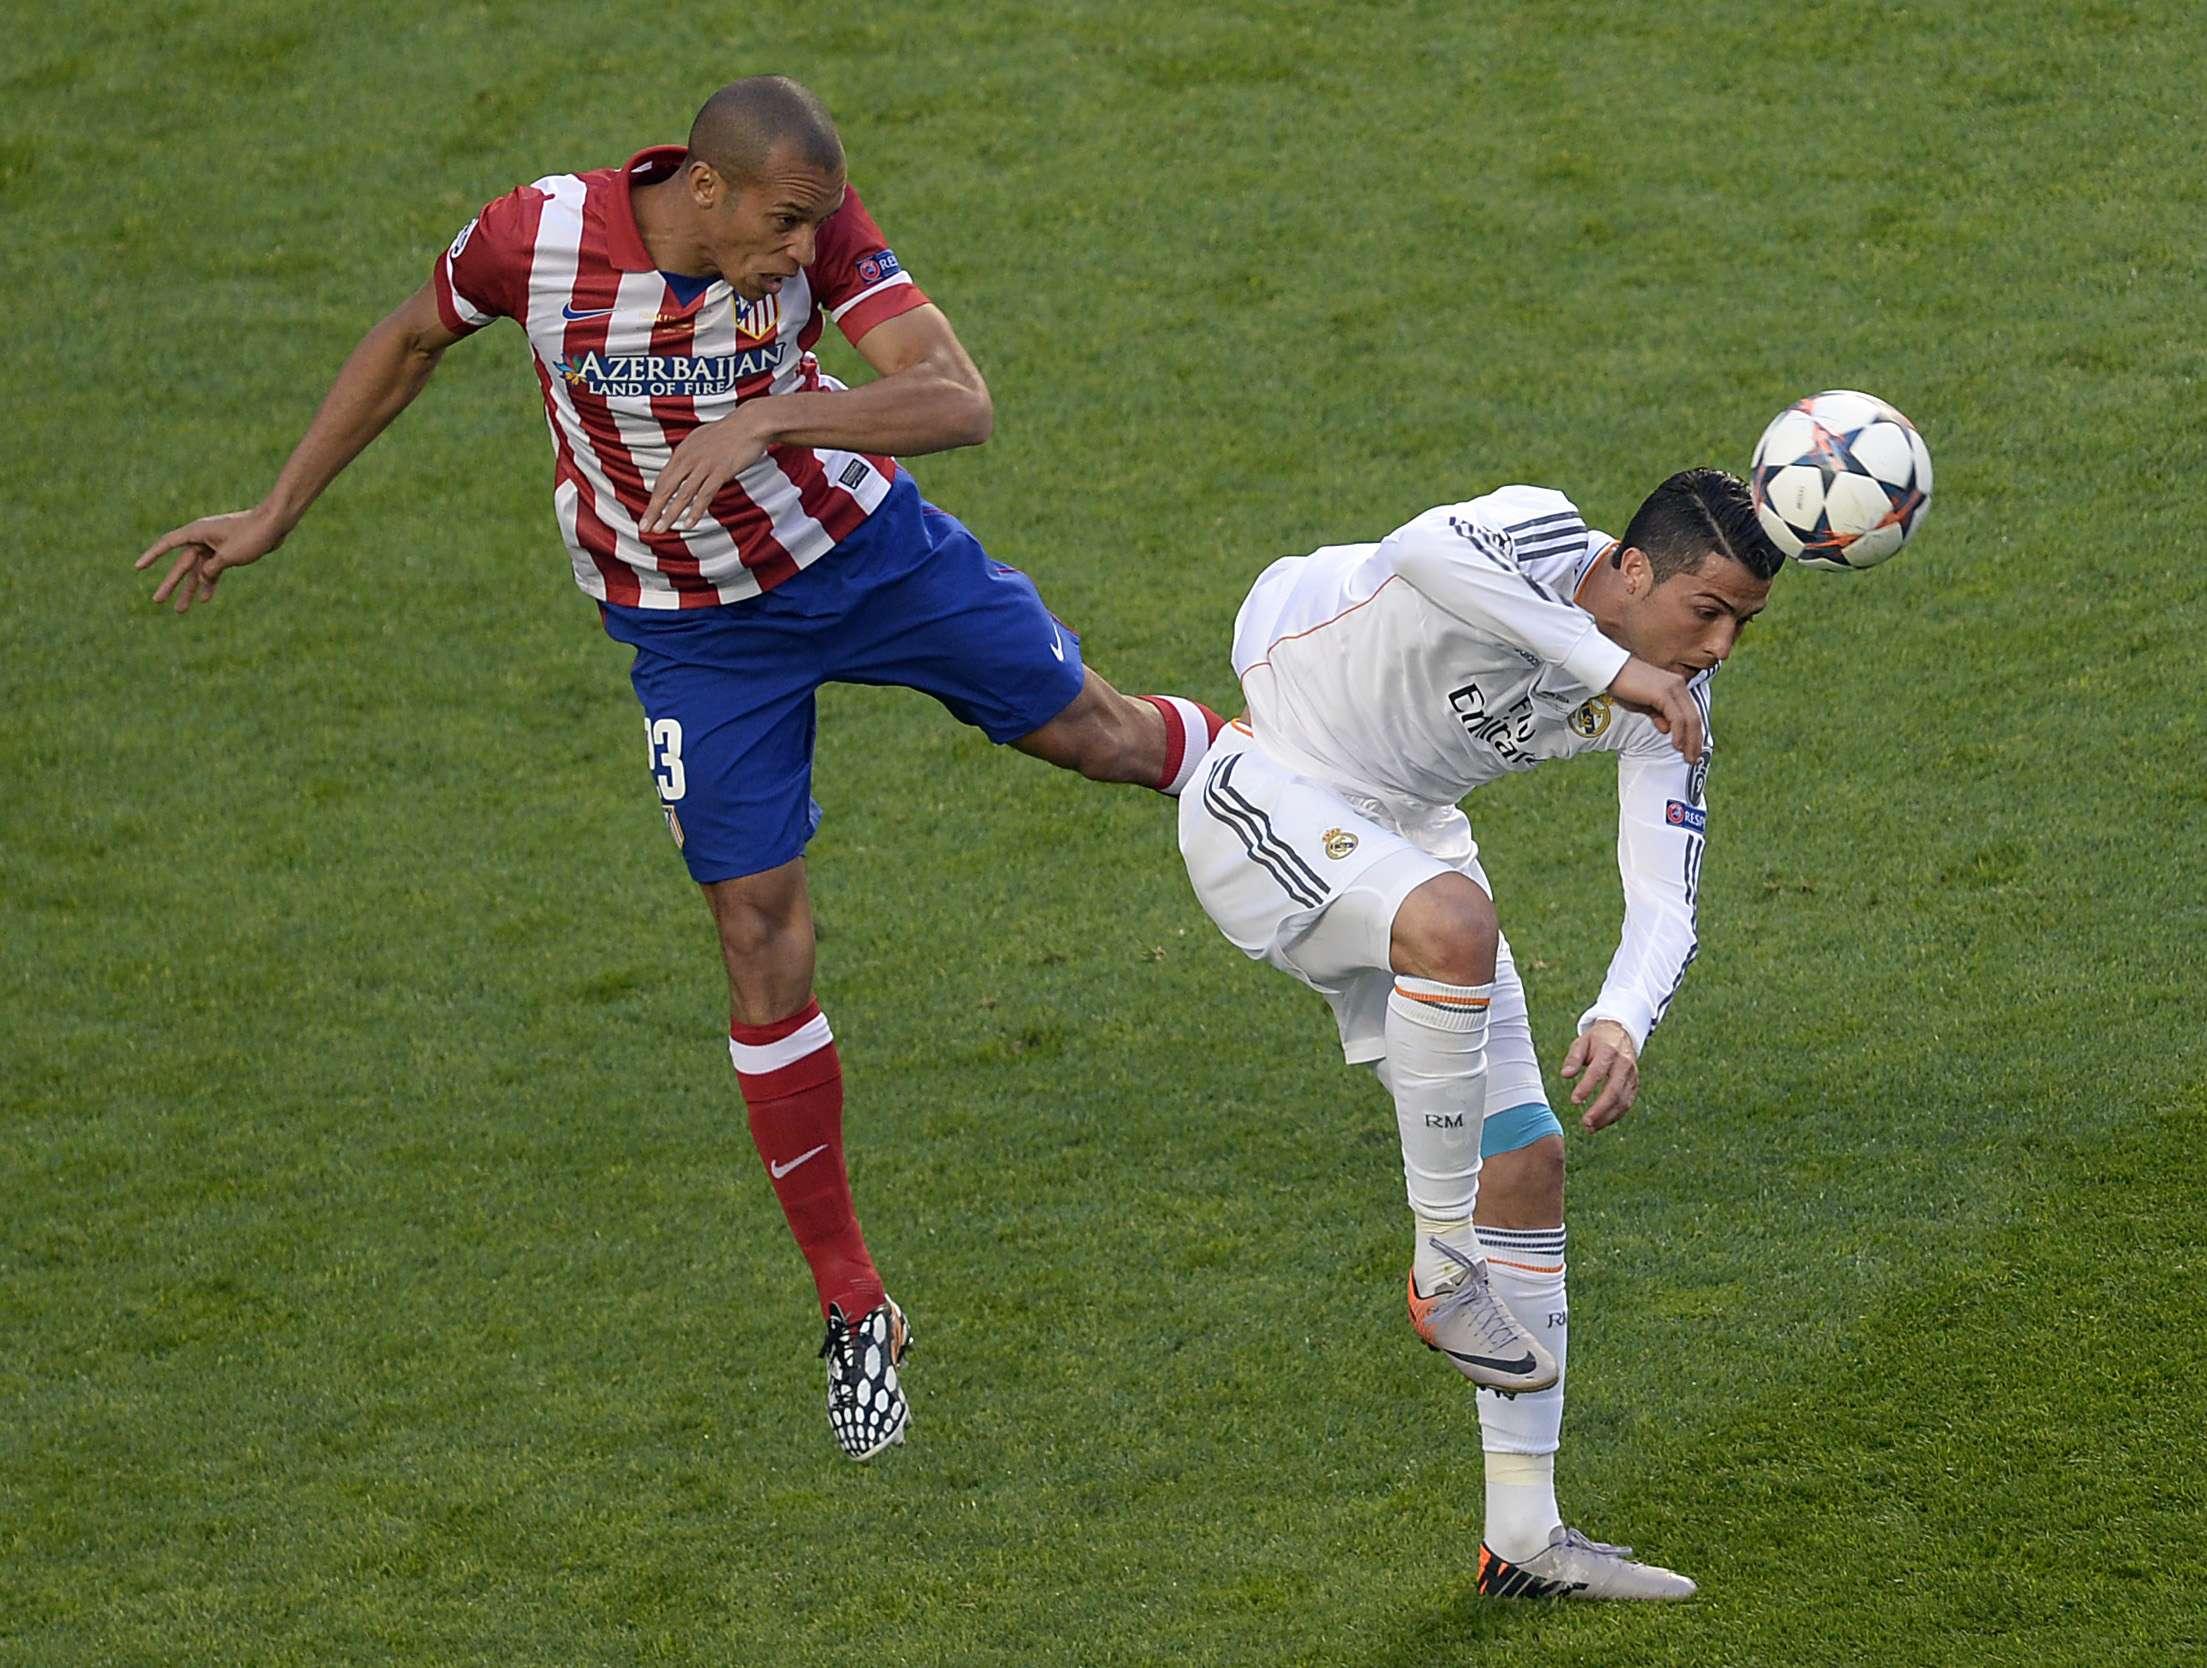 Com jogo às 23h, Supercopa da Espanha deve reviver polêmica